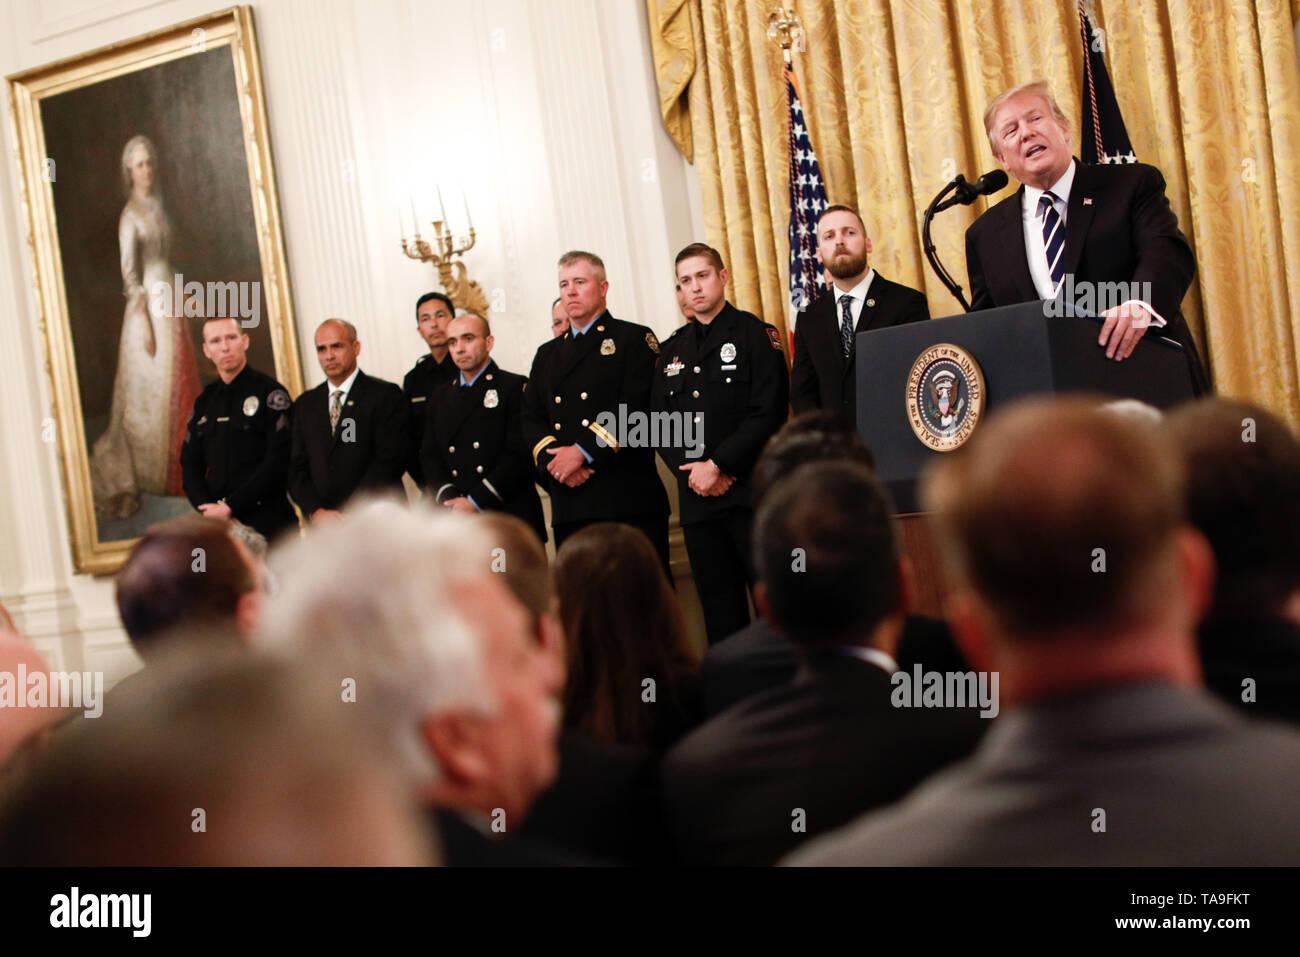 Washington, Estados Unidos. 22 de mayo de 2019. El Presidente de Estados Unidos, Donald Trump (1R, atrás), habla durante la Medalla Oficial de Seguridad Pública del valor presentando ceremonia en la Casa Blanca en Washington, DC, Estados Unidos, el 22 de mayo de 2019. Crédito: Shen Ting/Xinhua/Alamy Live News Foto de stock